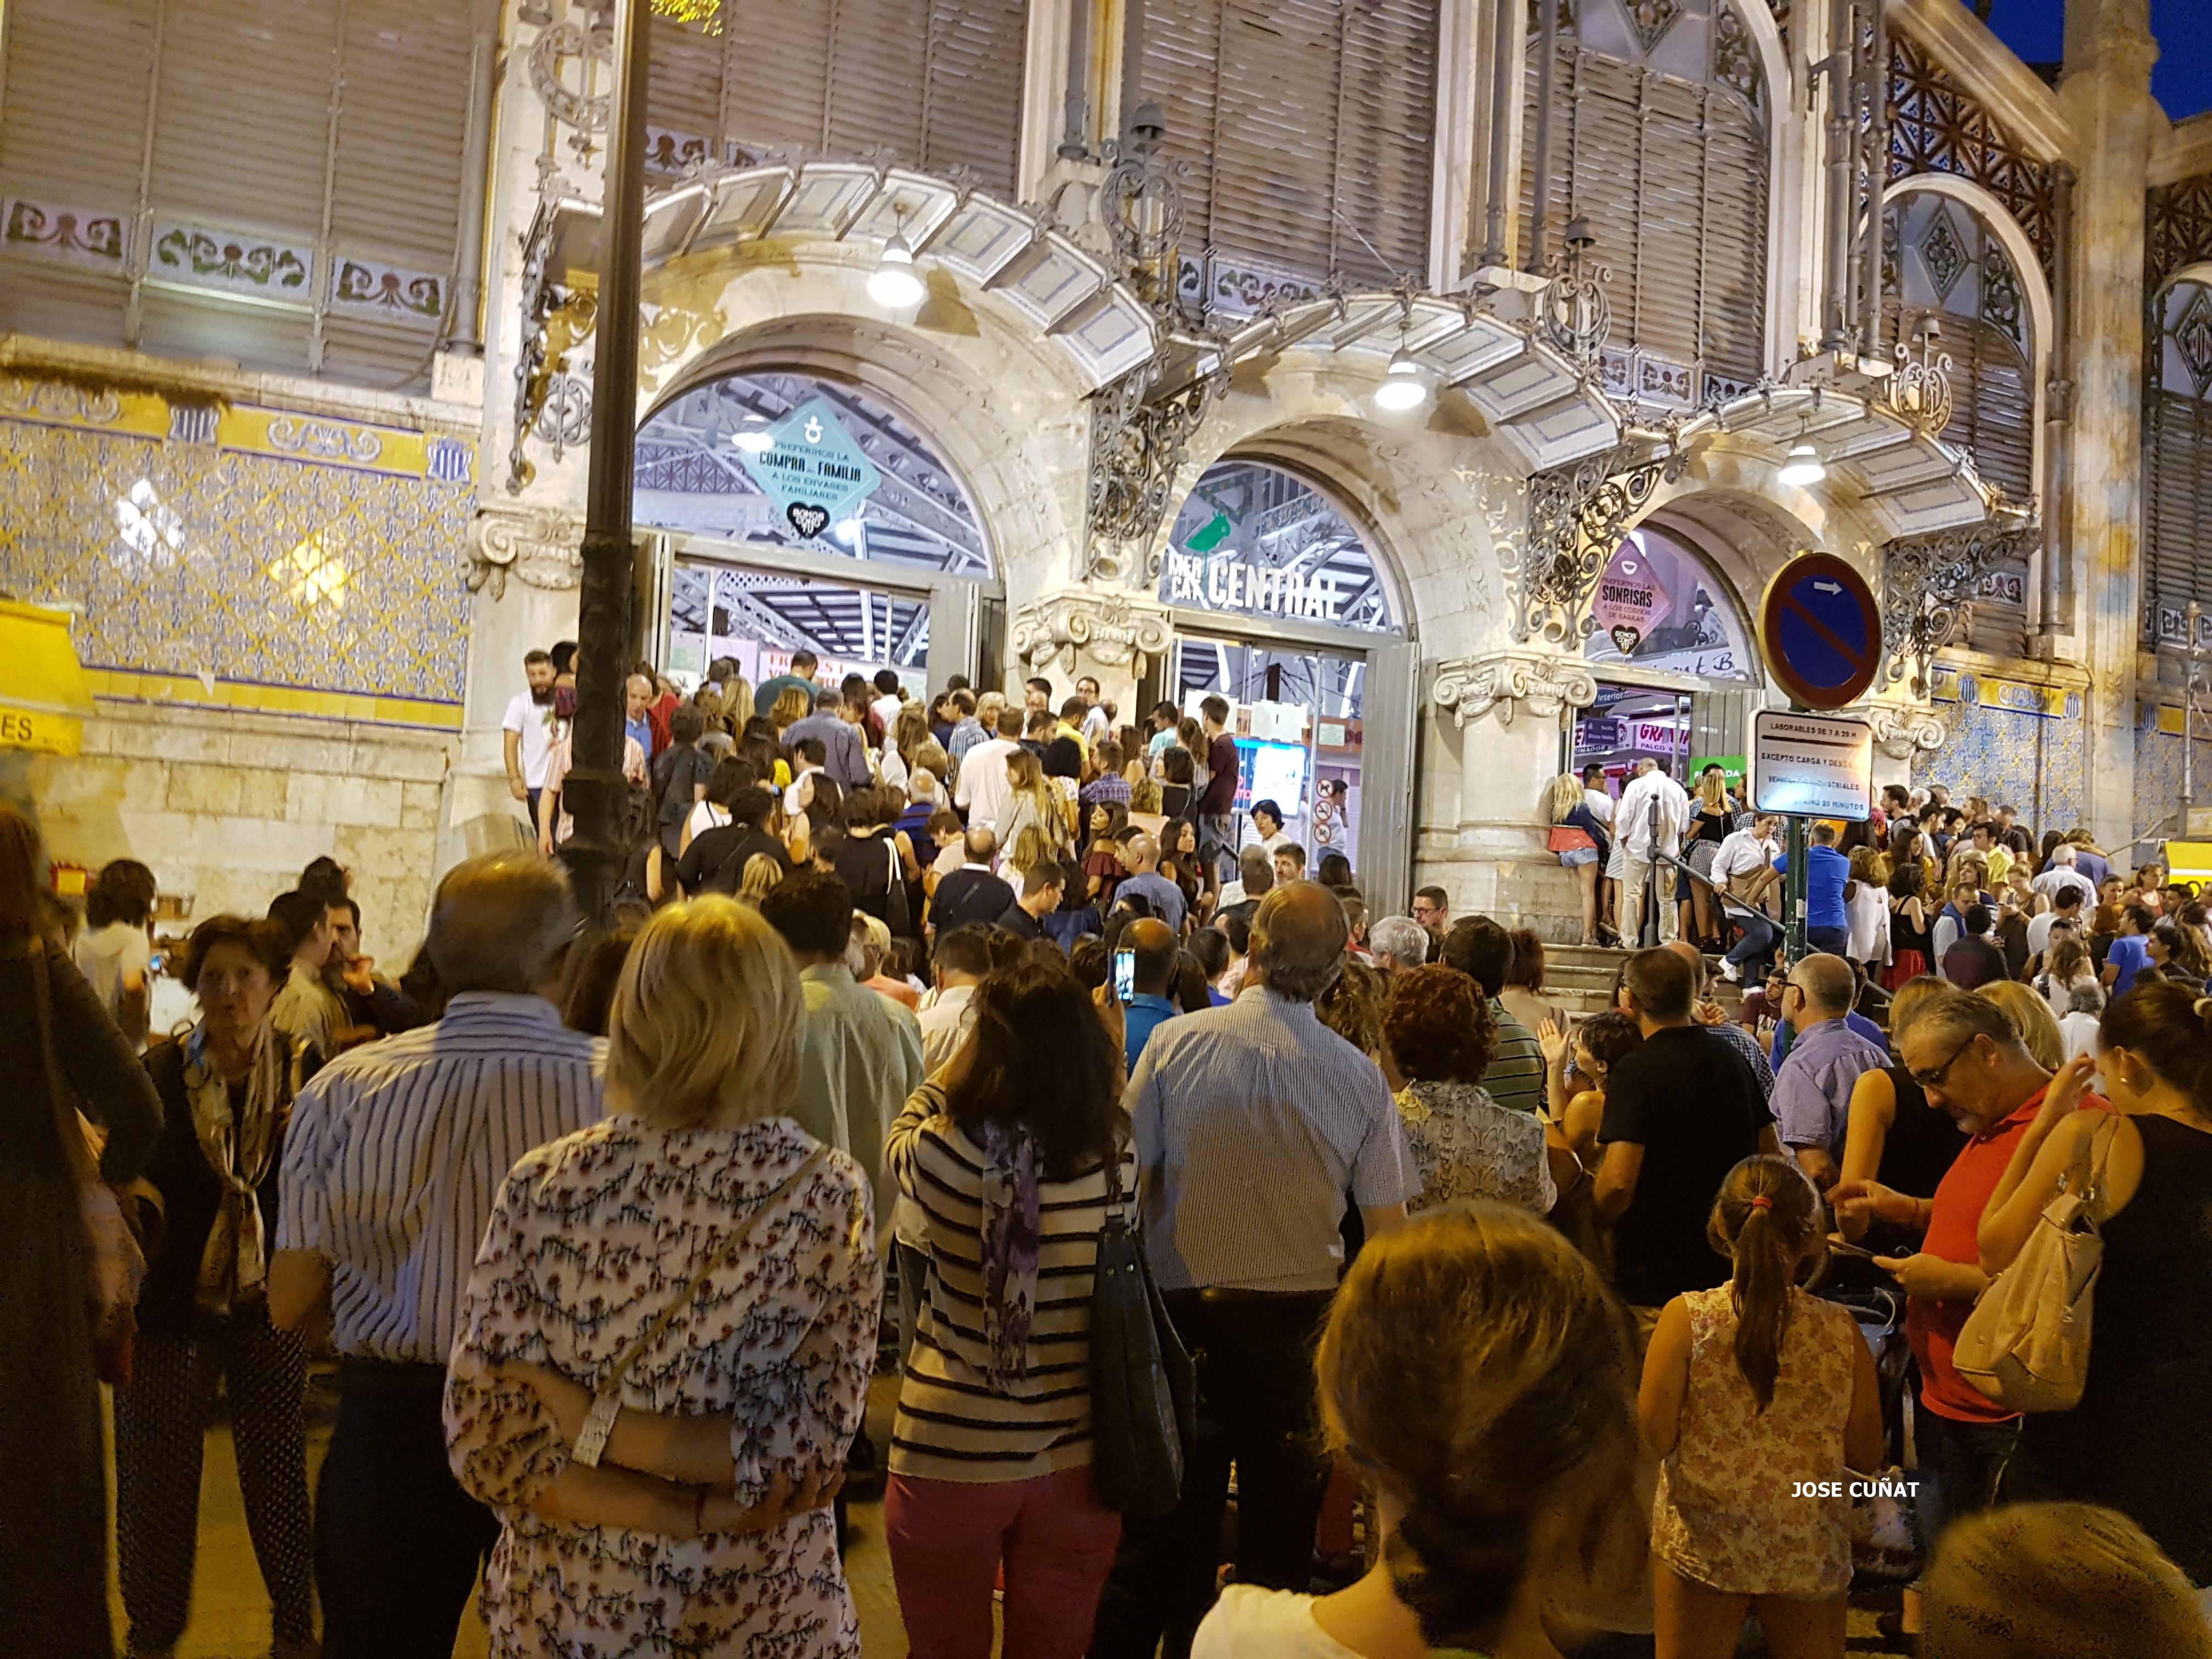 Aforo completo en la #BonicaFest de Valencia en el Mercado Central